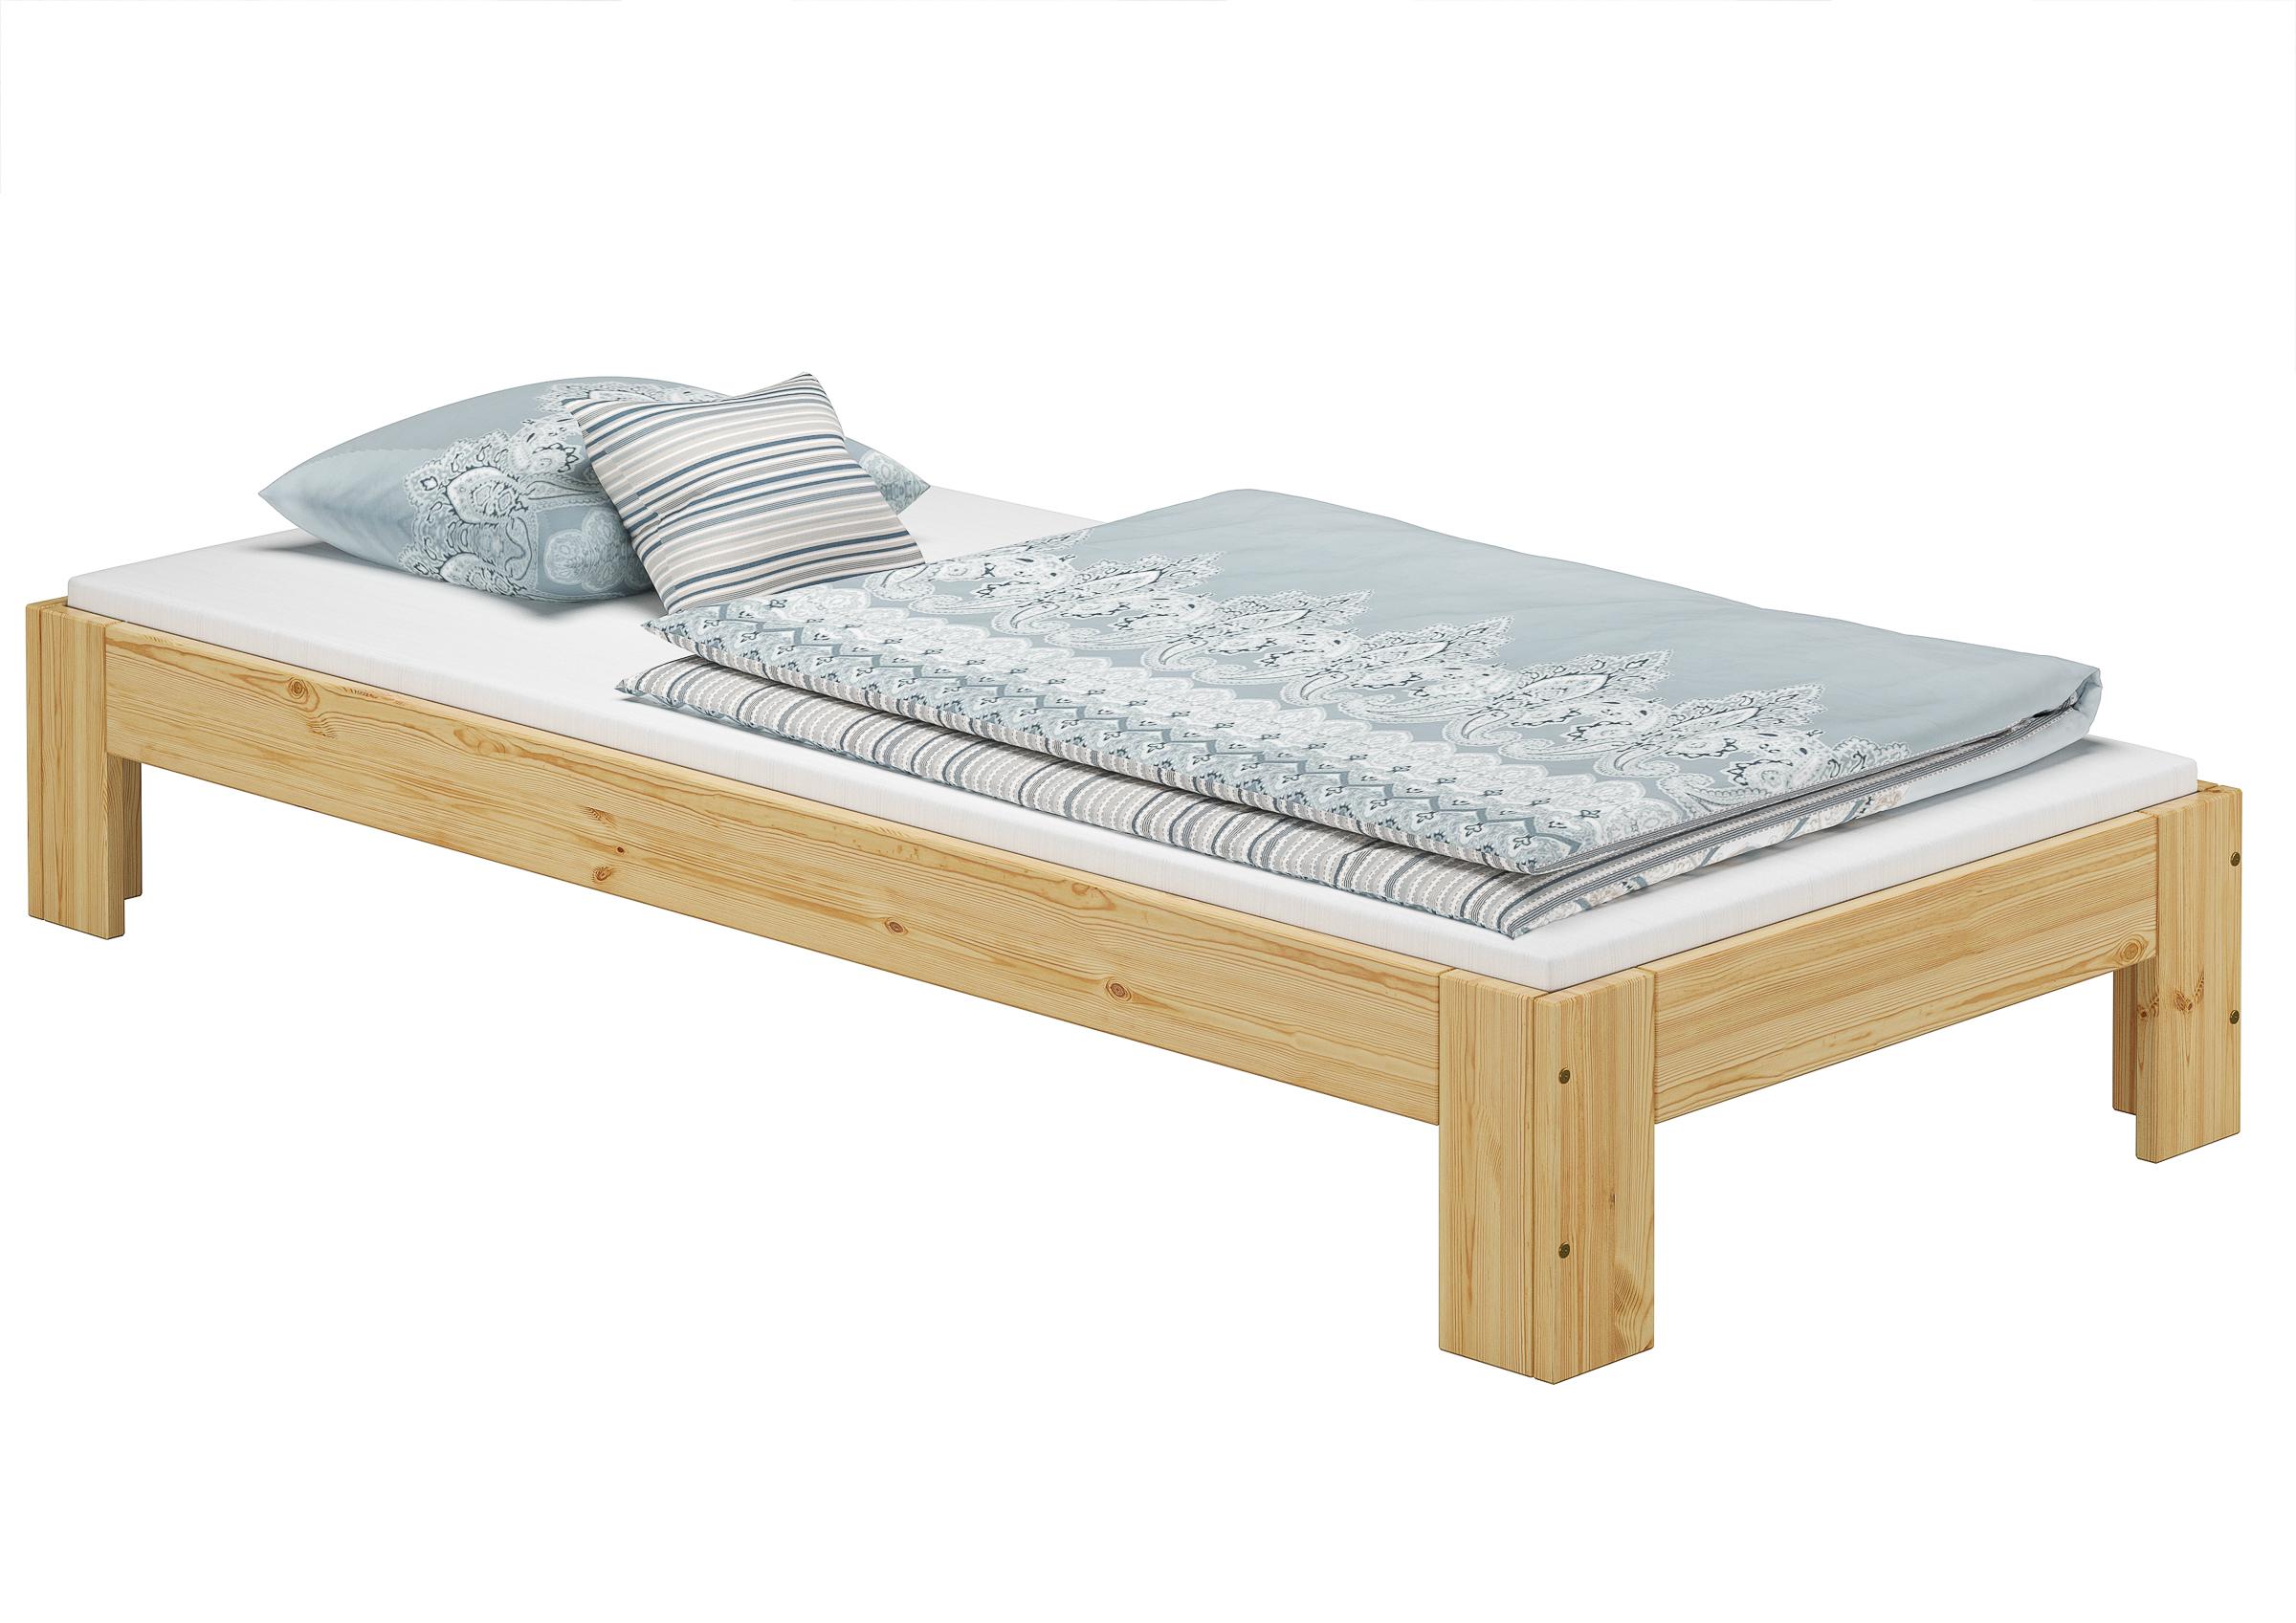 Holzbett ohne Kopfteil Einzelbett 90x200 cm Kiefer massiv mit ...